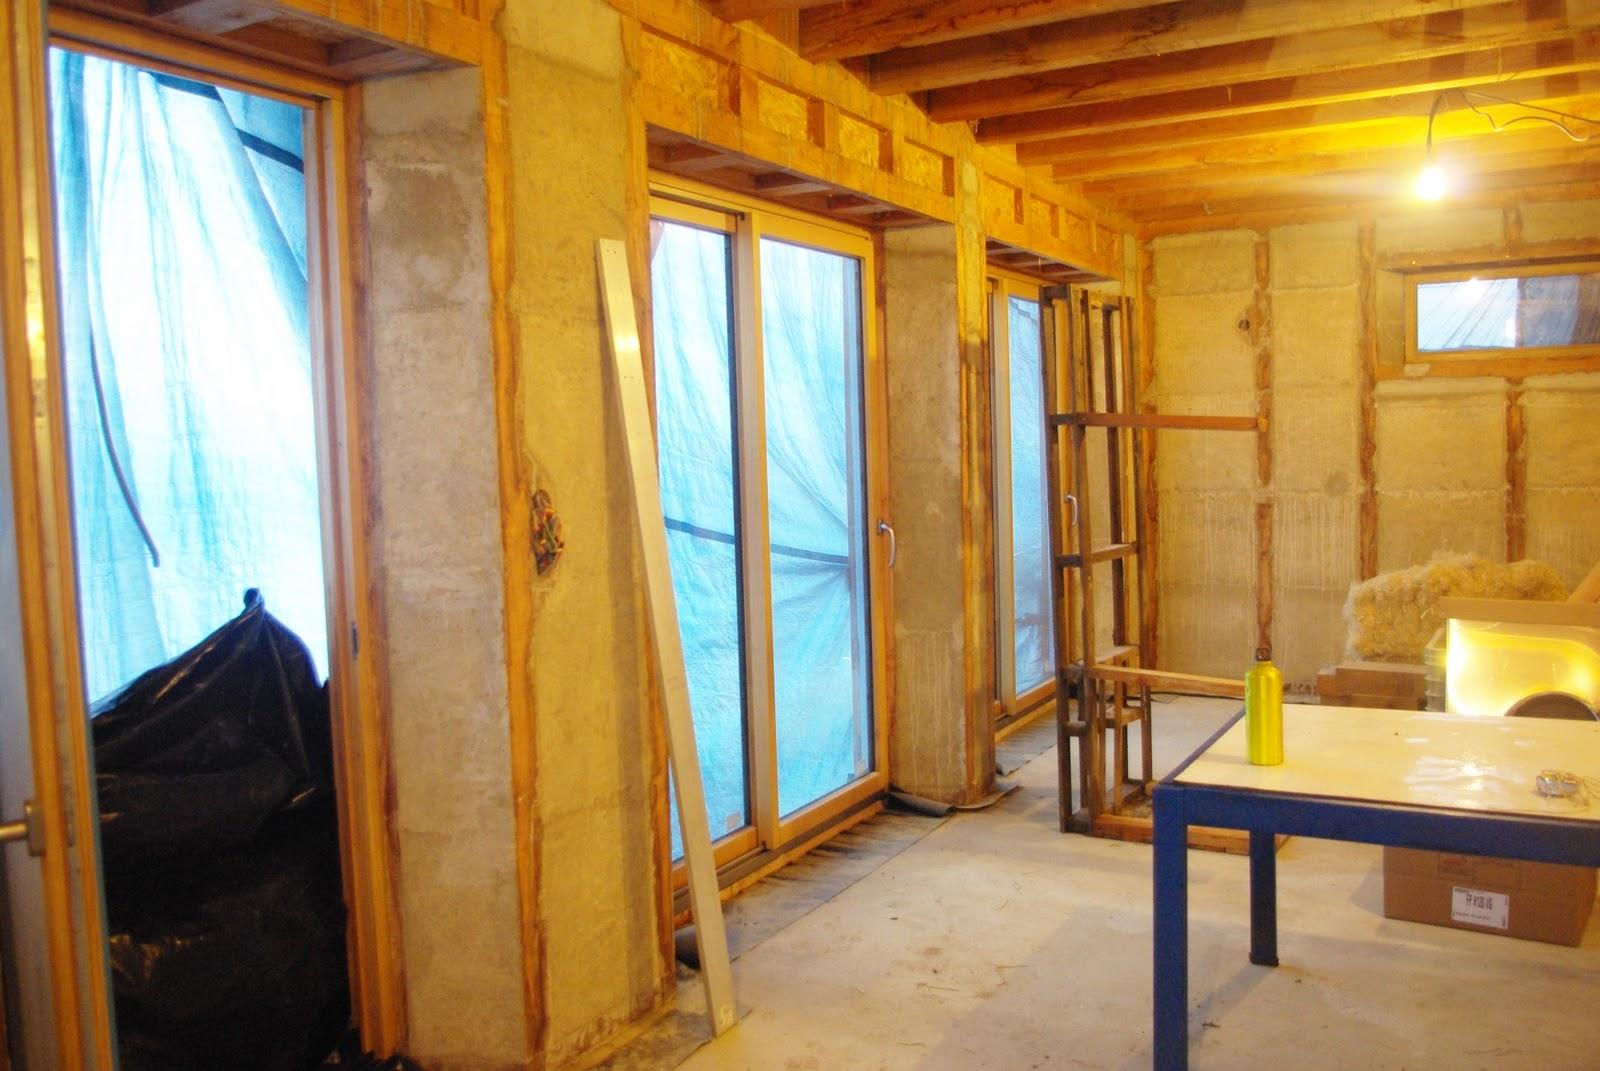 Notre maison ossature bois isolation paille pose des for Pose fenetre isolation exterieure